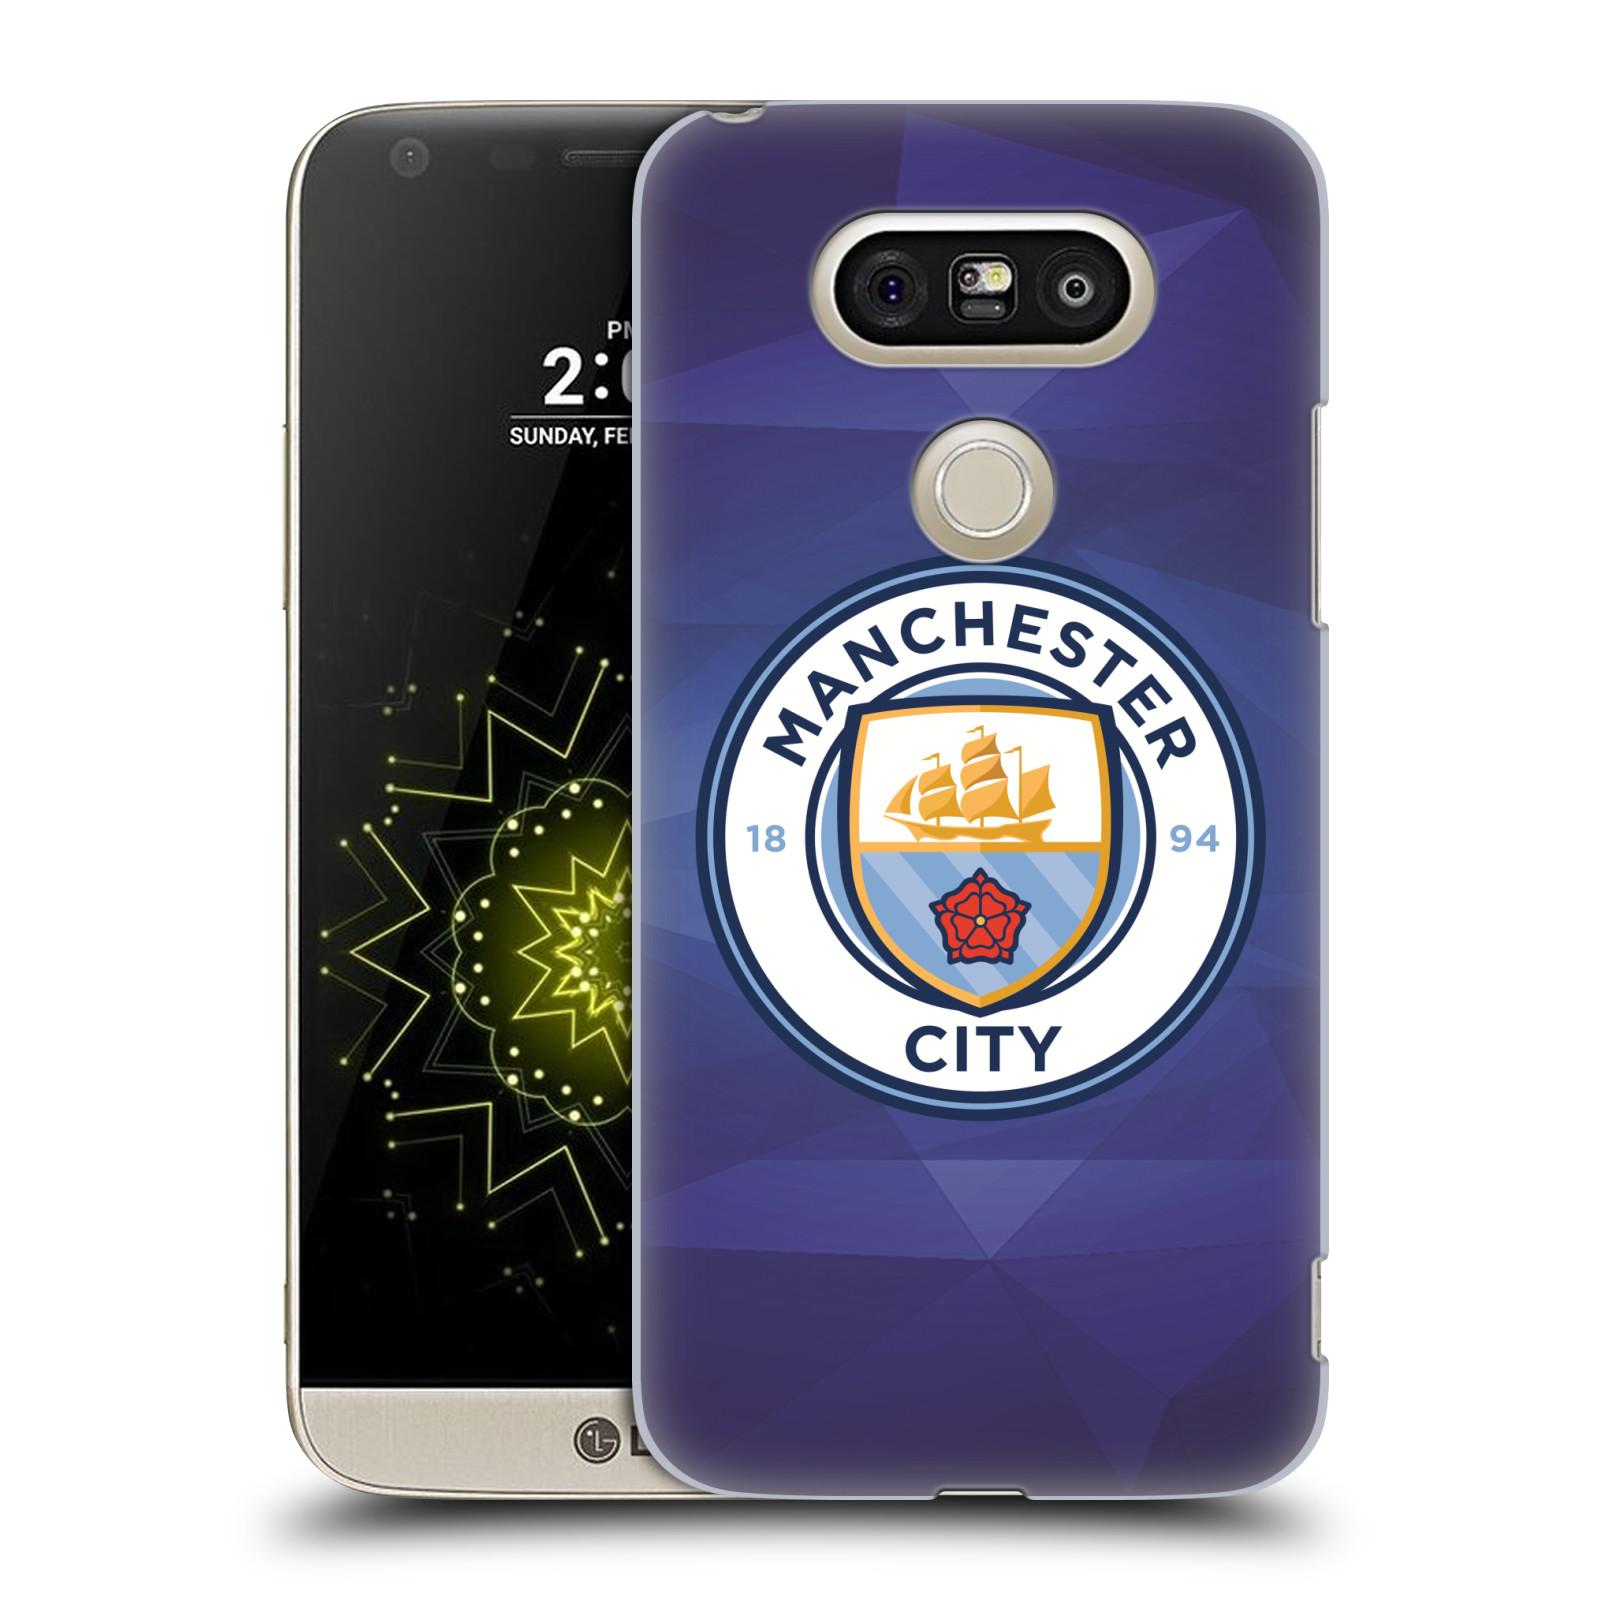 Plastové pouzdro na mobil LG G5 SE - Head Case - Manchester City FC - Modré nové logo (Plastový kryt či obal na mobilní telefon LG G5 SE H840 s motivem Manchester City FC - Modré nové logo)